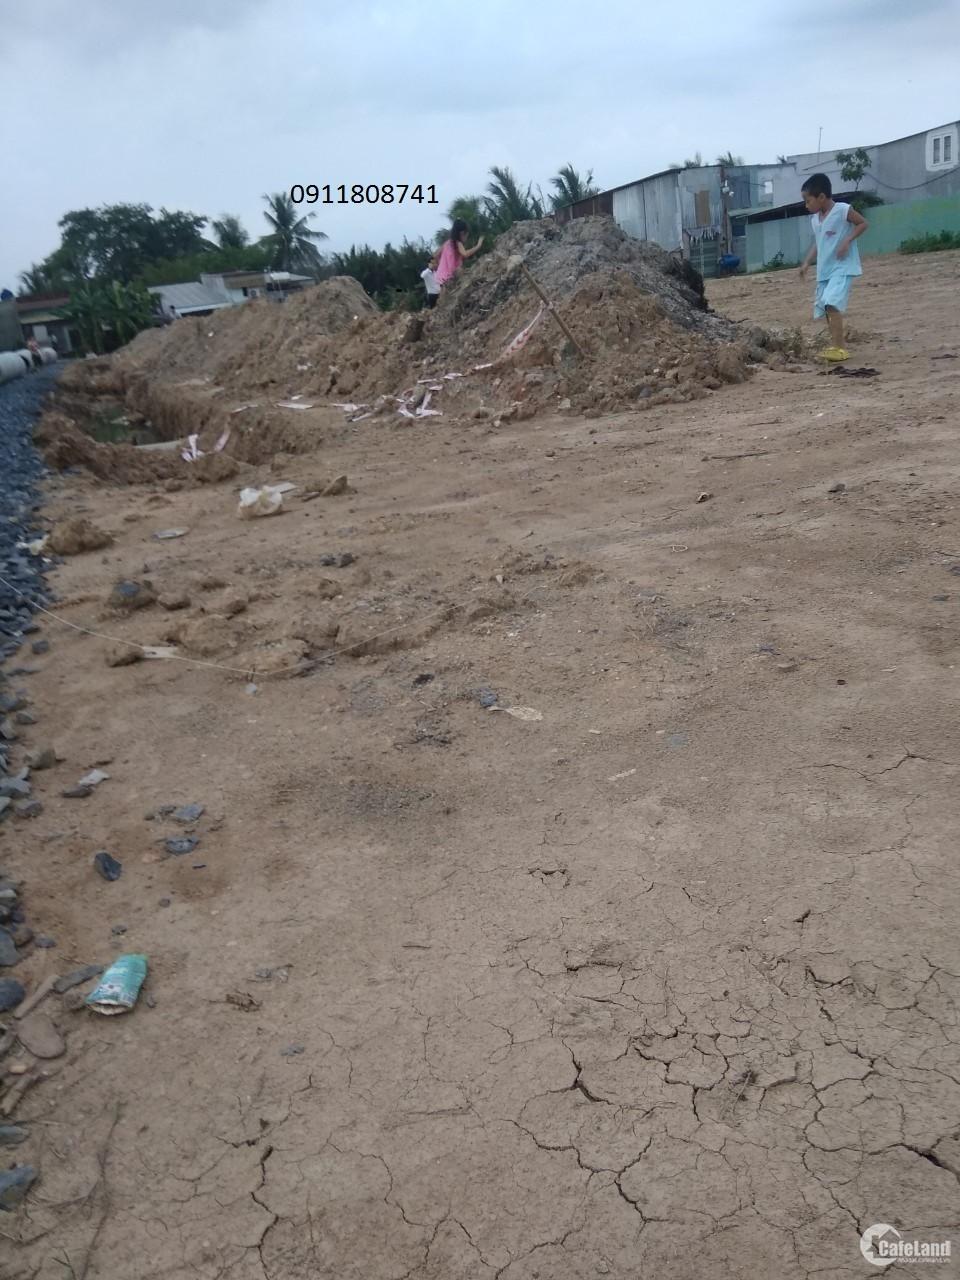 Mở bán đất nền liền kề Vincity quận 9, ngay Nguyễn Xiển giao Lò Lu giá chủ đầu tư. LH 0911.808.741